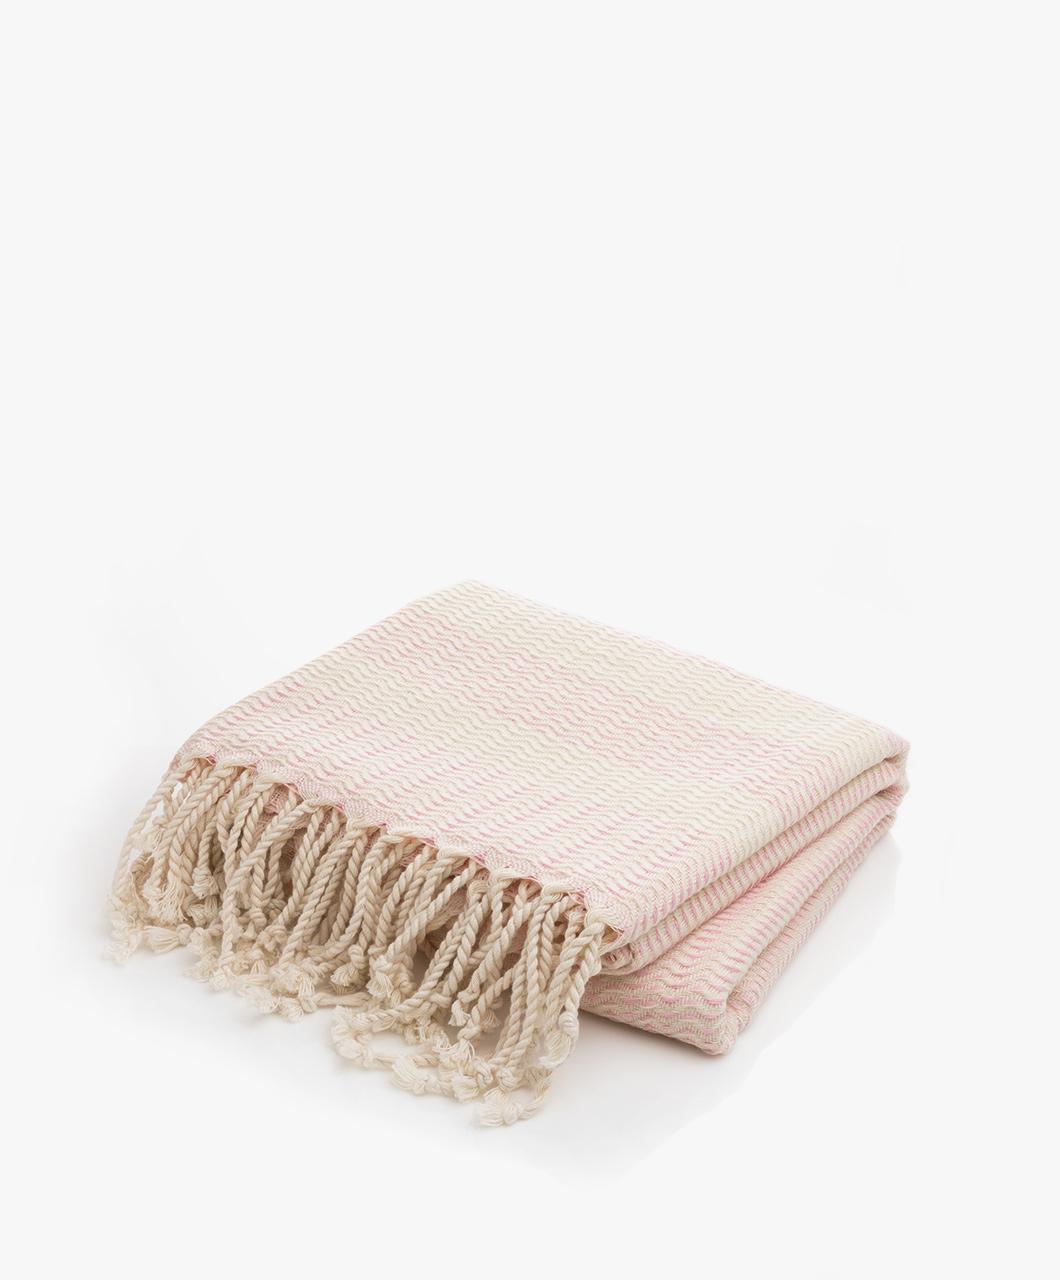 Afbeelding van Bon Bini Doek Sorobon in Roze